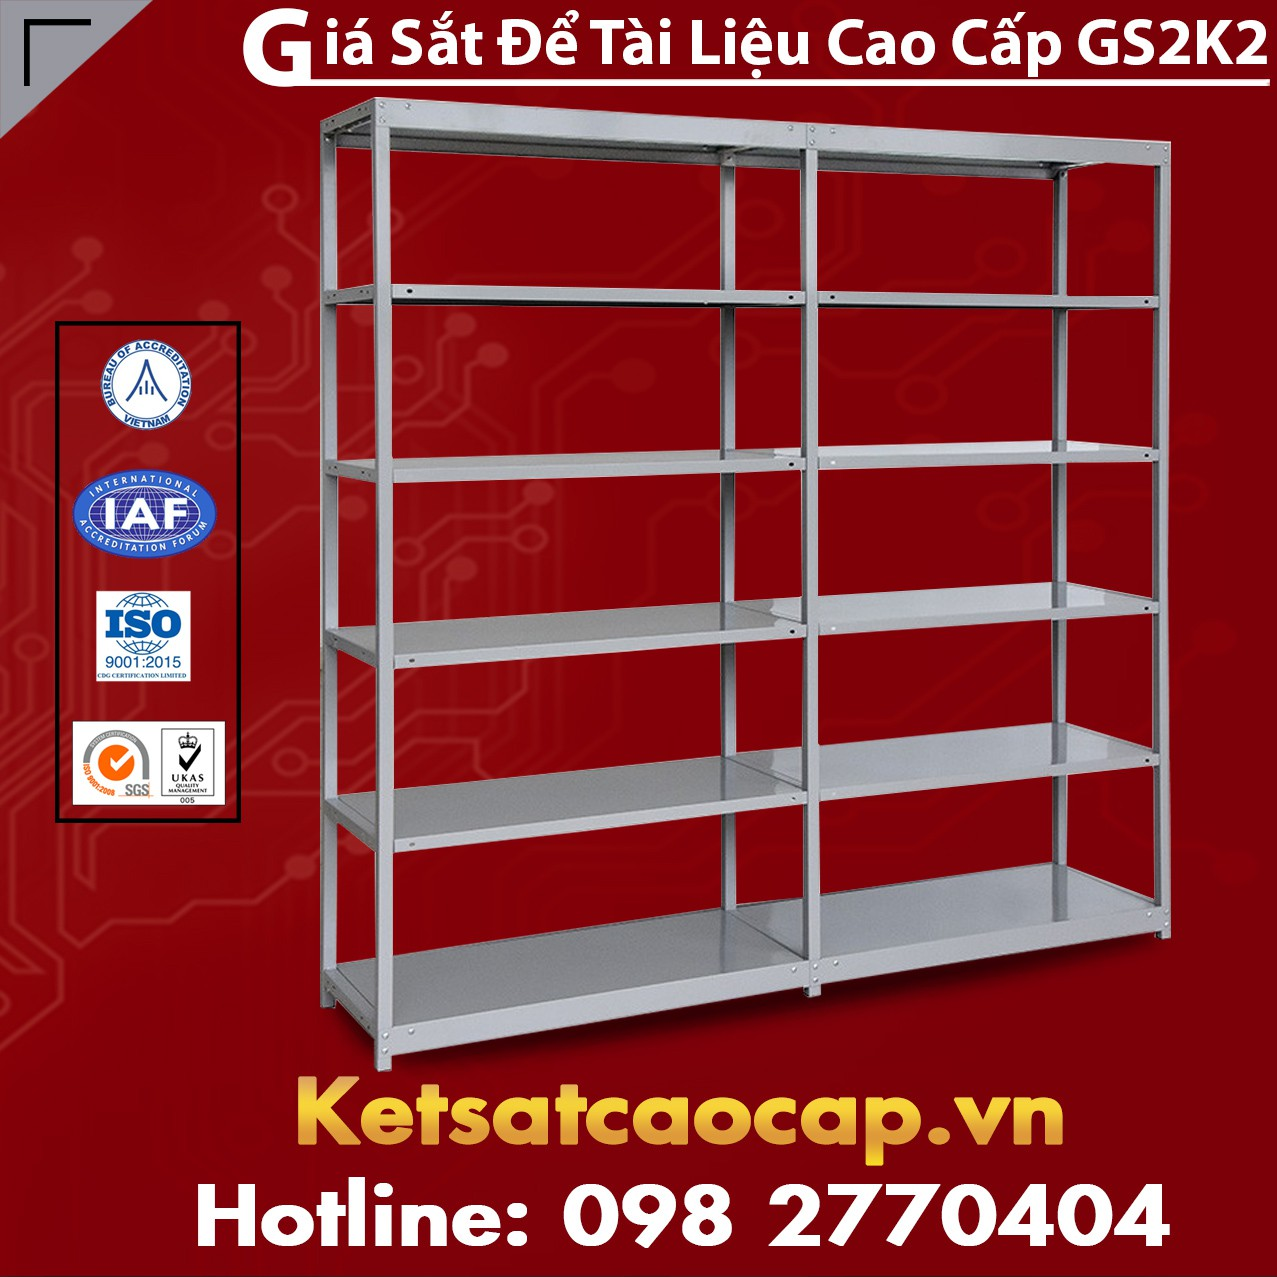 Giá Sắt GS2K2